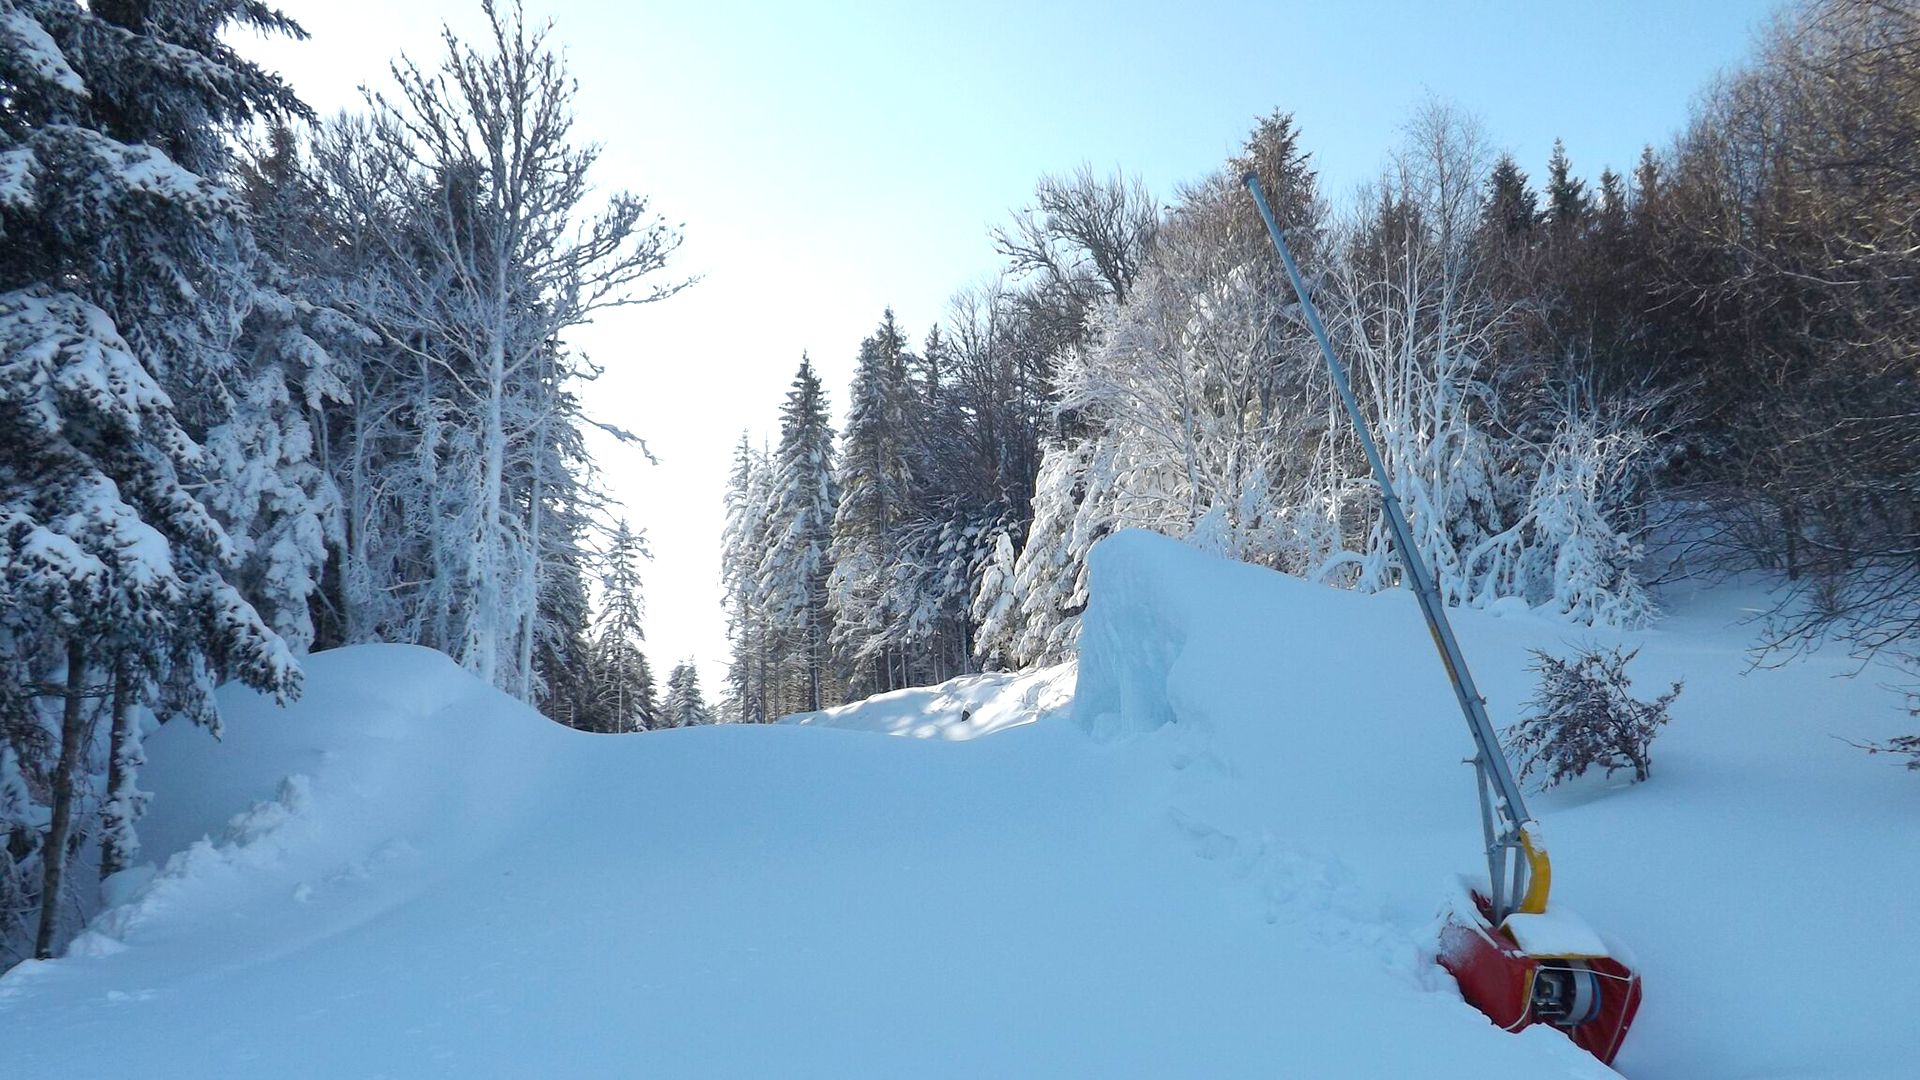 parc-activites-montagne-praboure-domaine-alpin-banner